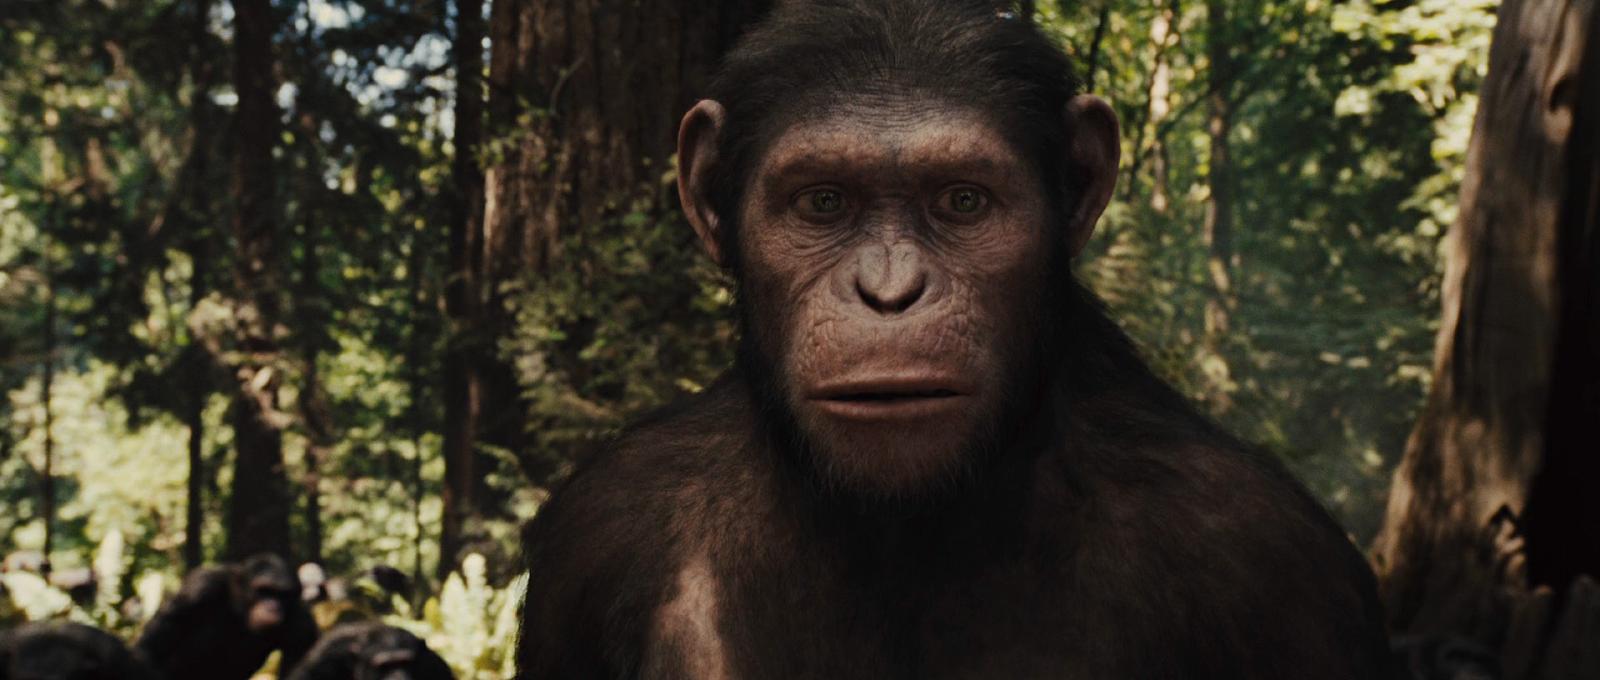 El Planeta de los Simios: (R)Evolución (2011) BRRip 1080p Latino - Ingles captura 4